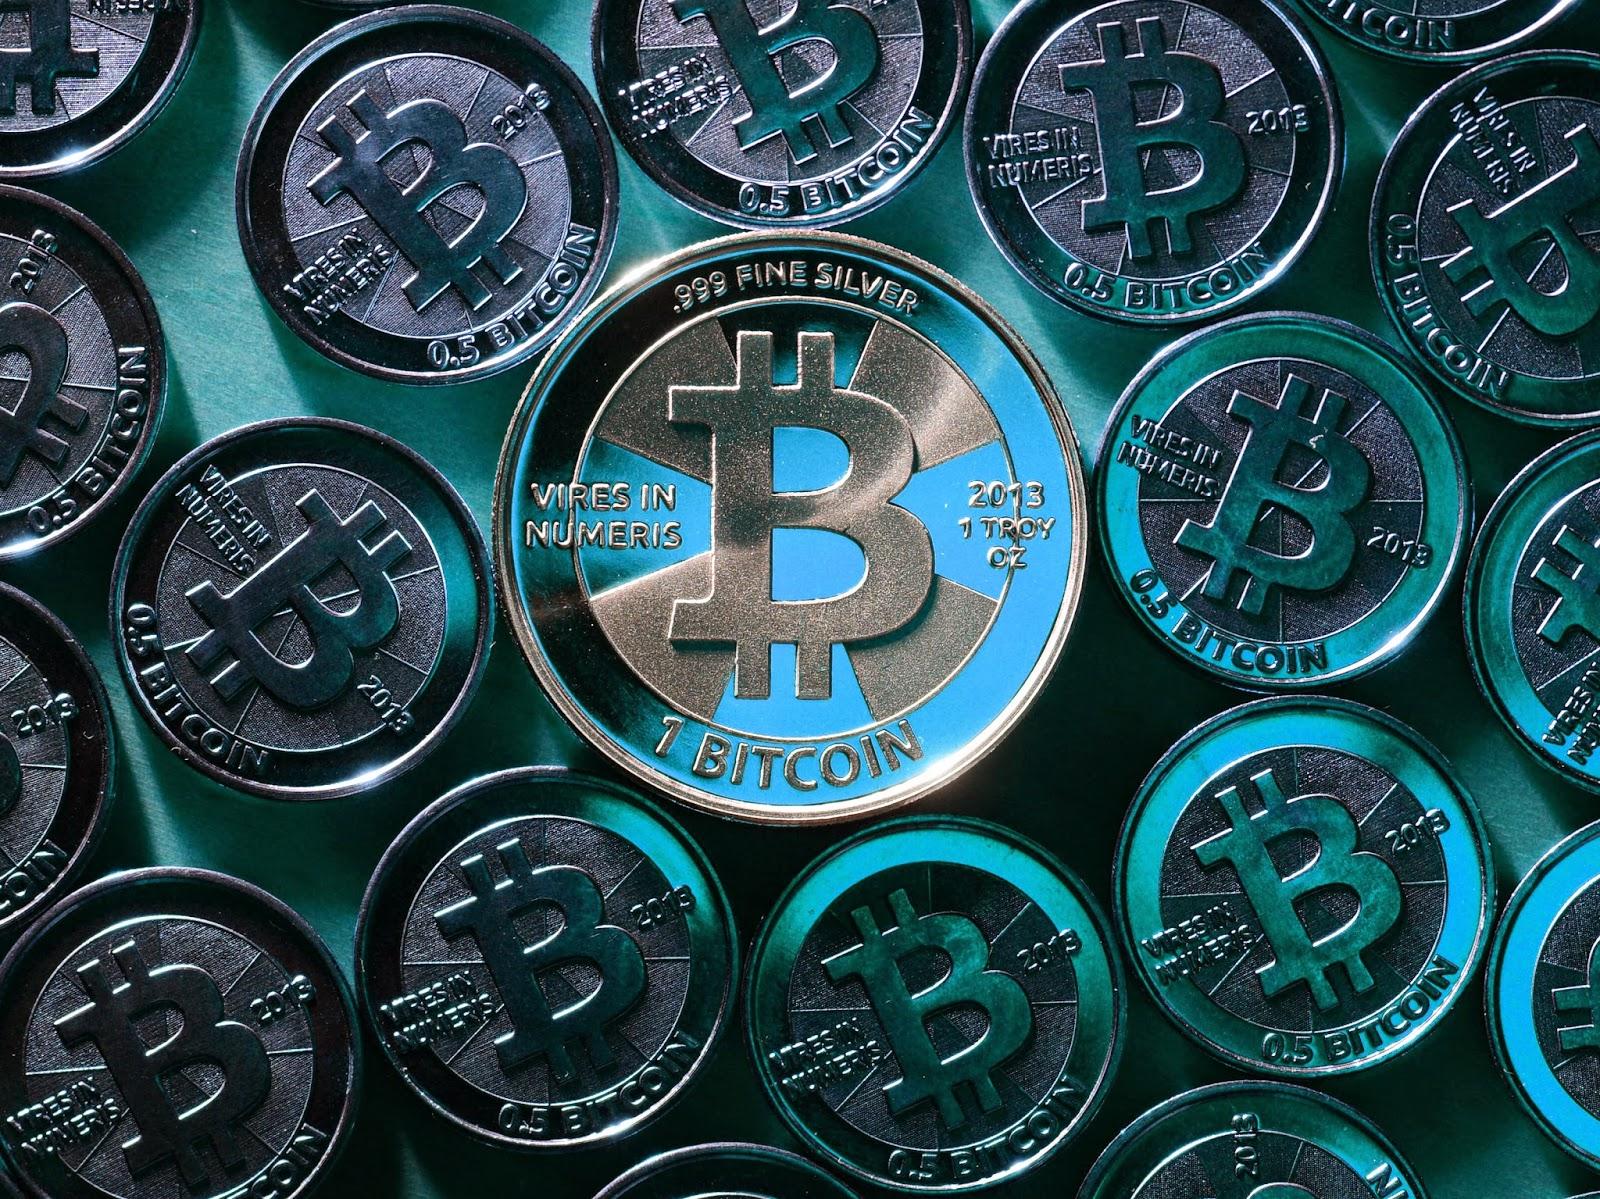 Bitcoin cash google finance